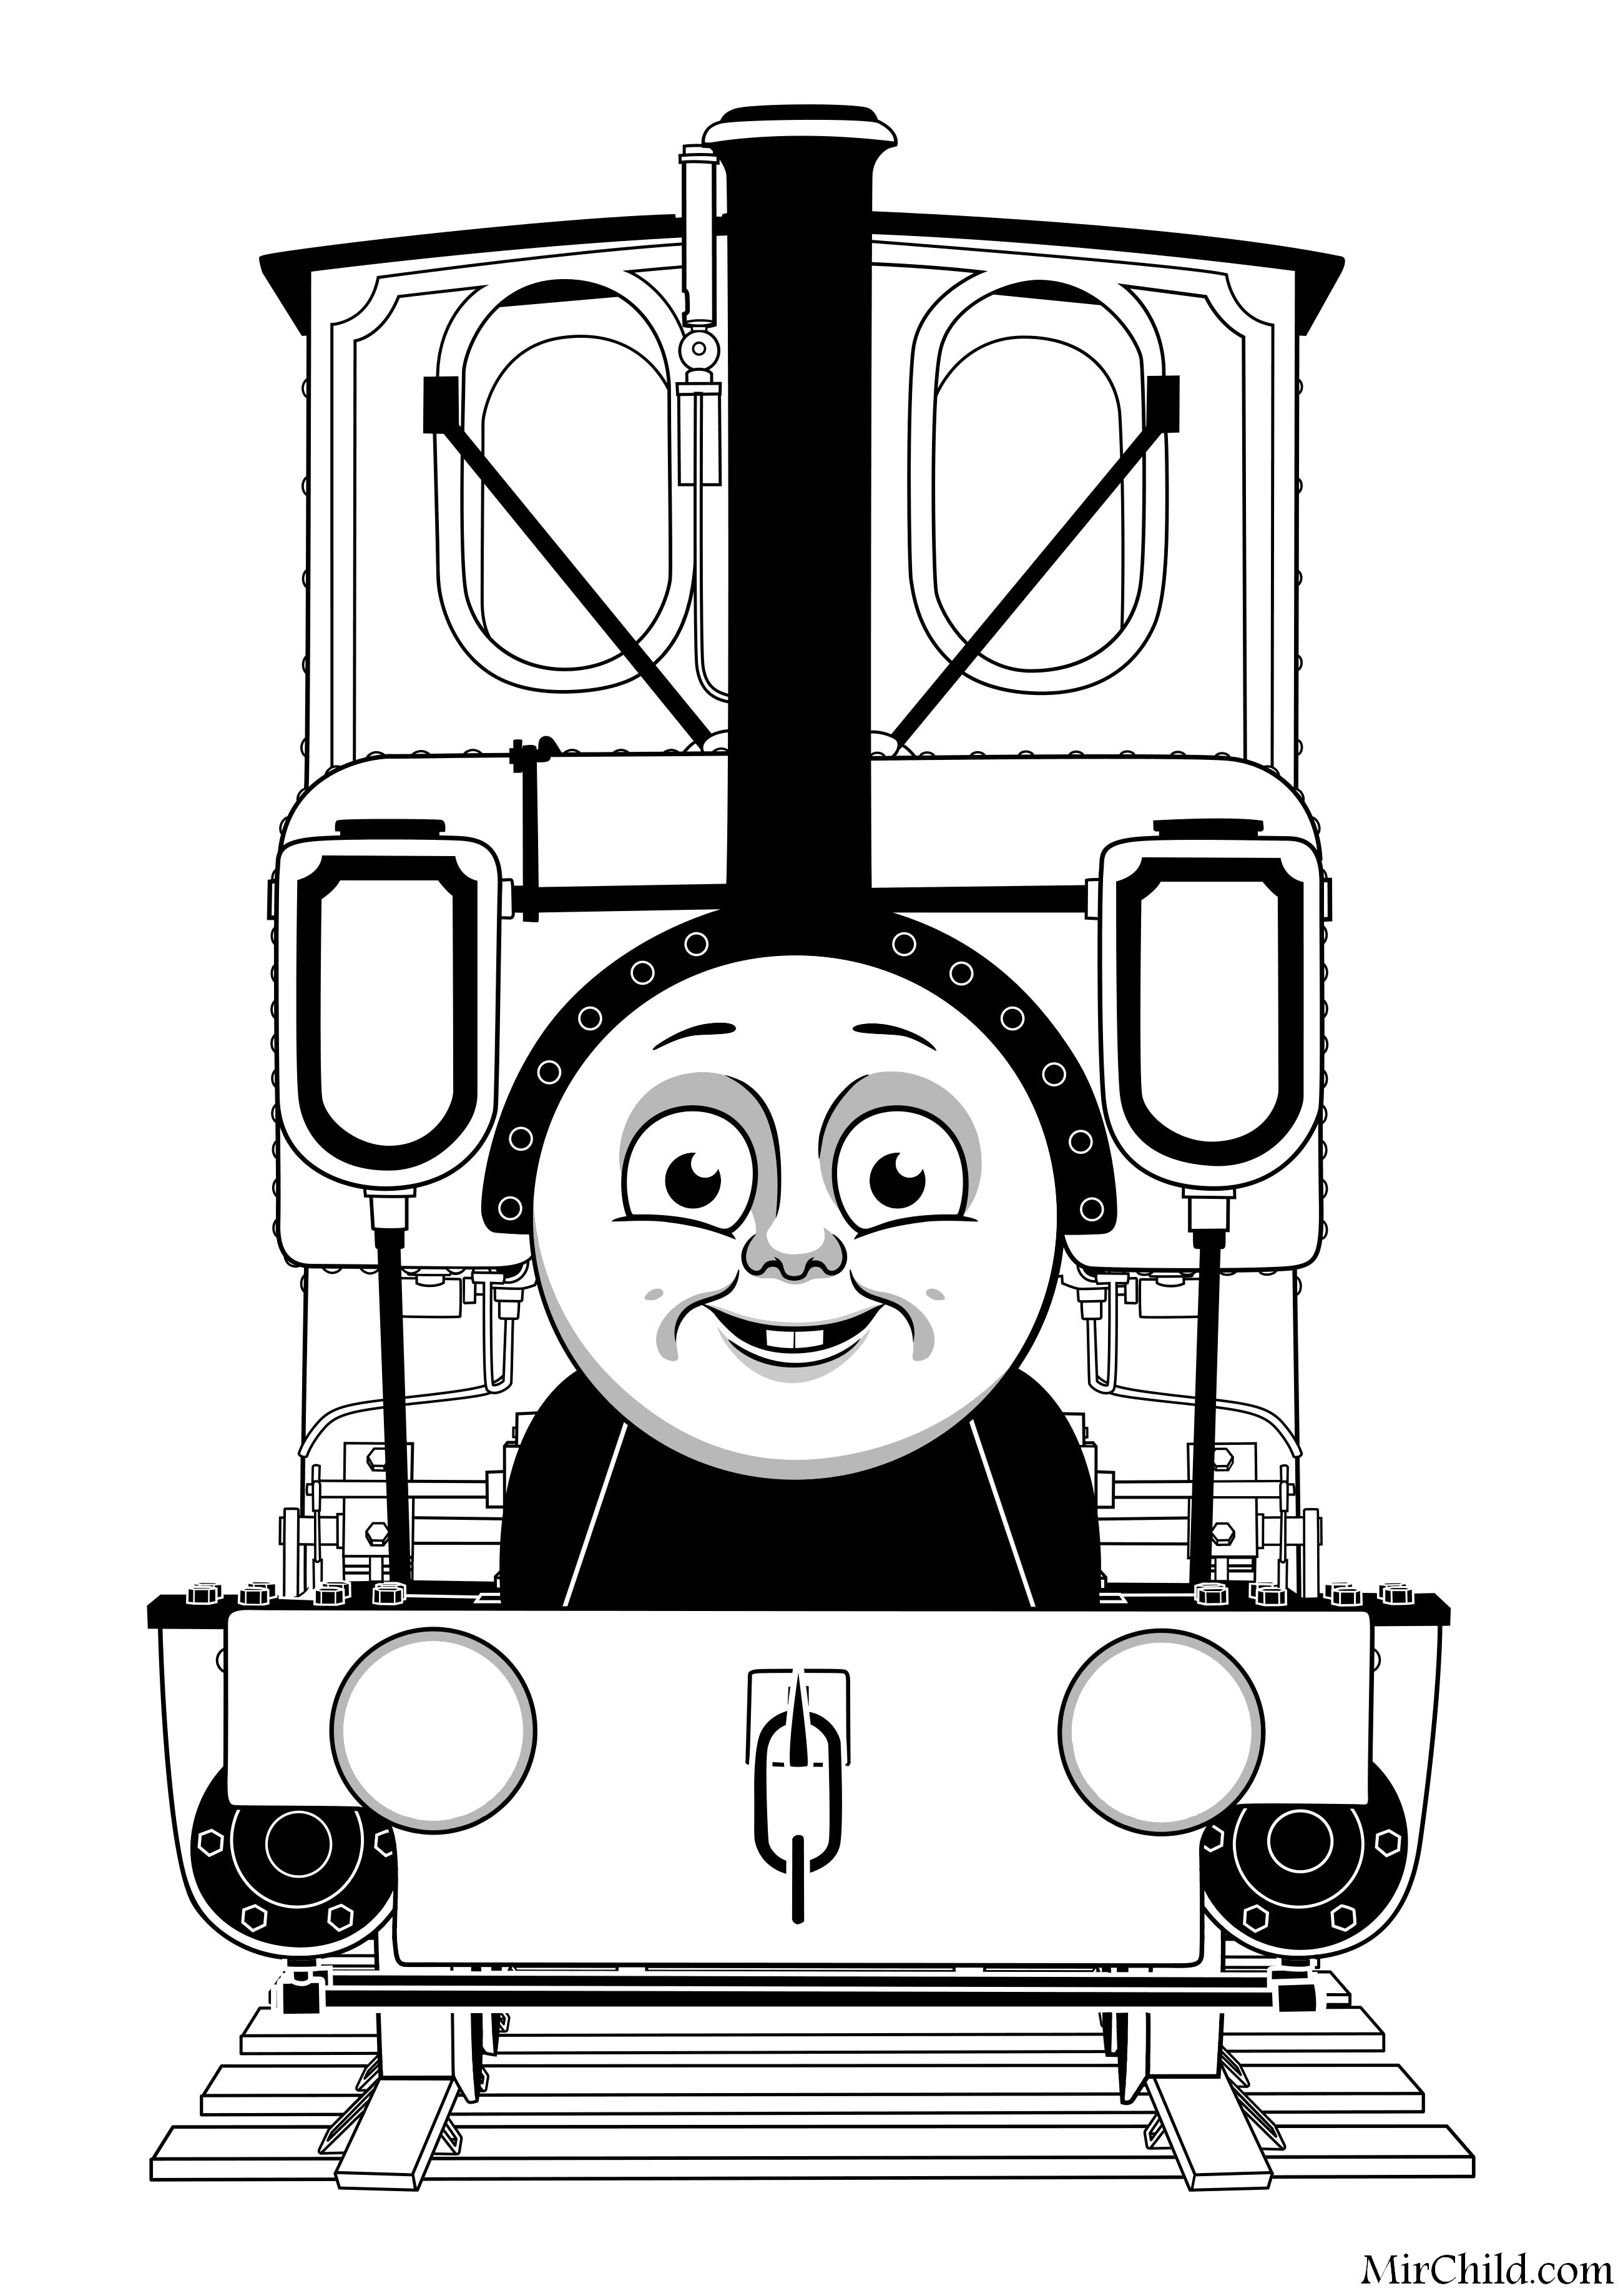 Раскраска - Томас и его друзья - Паровоз Люк | MirChild